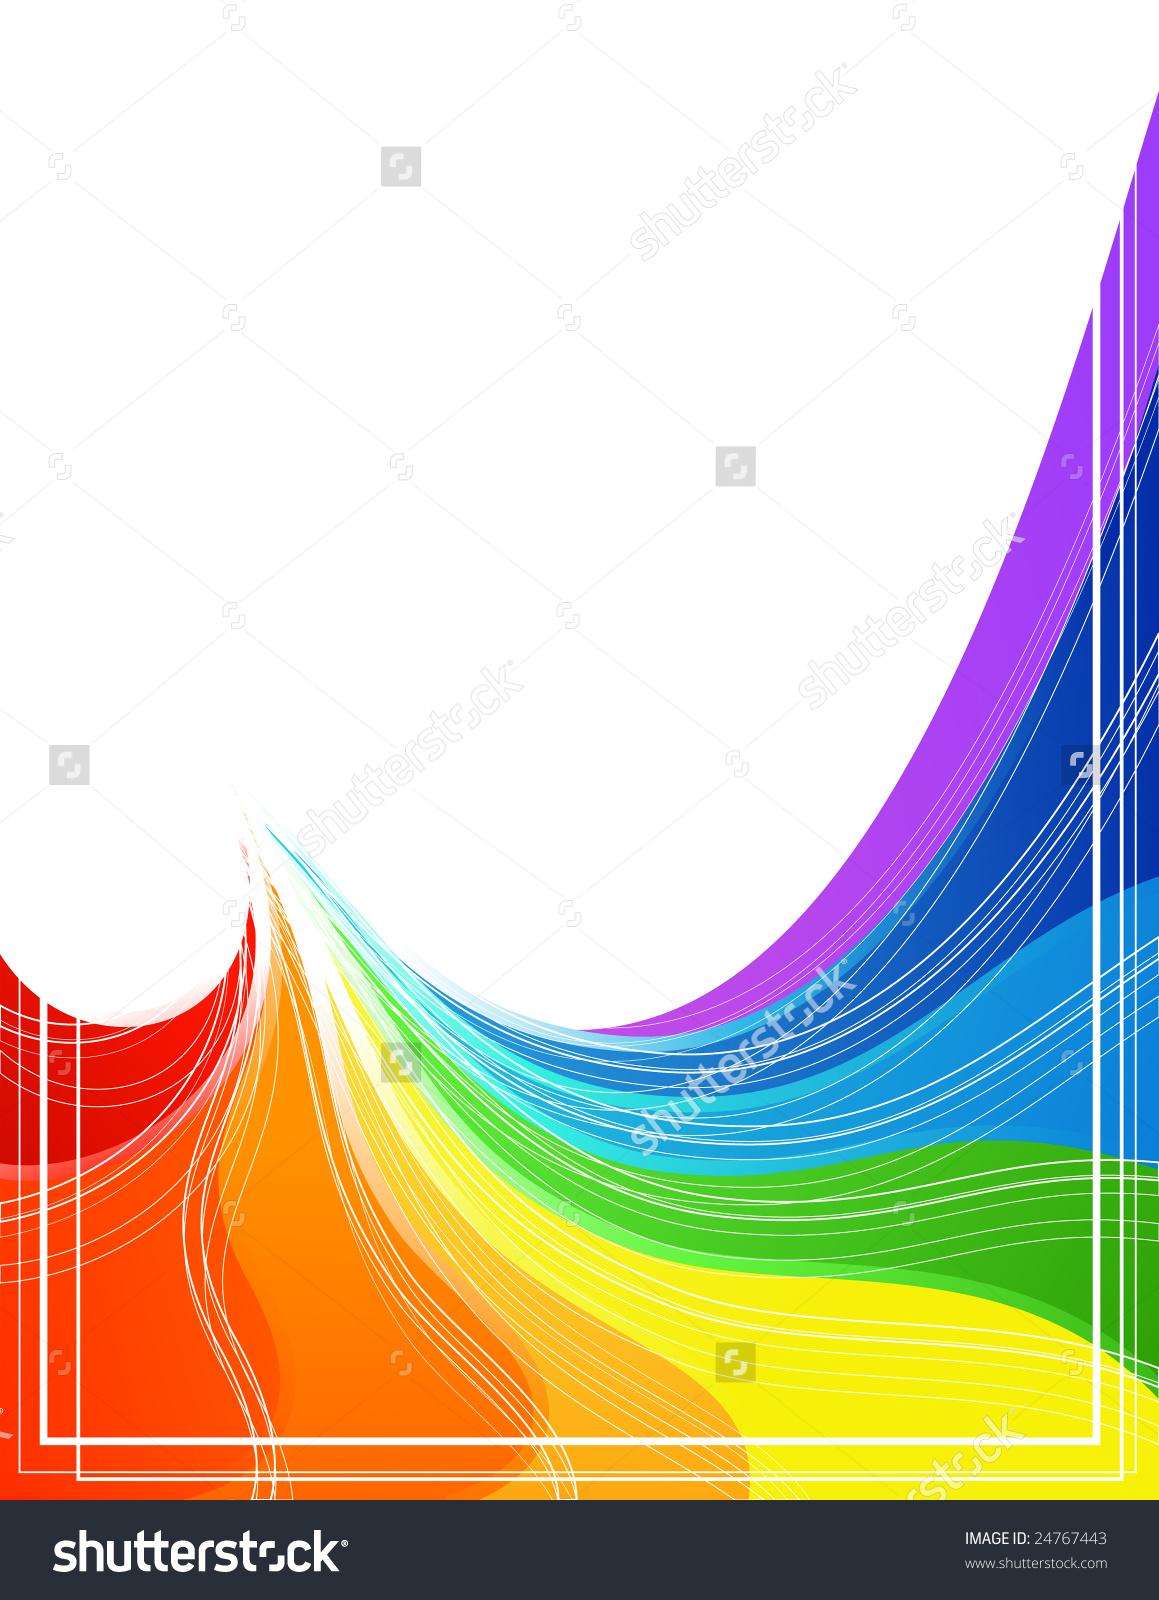 彩虹形状,矢量插图,每股收益格式-背景/素材